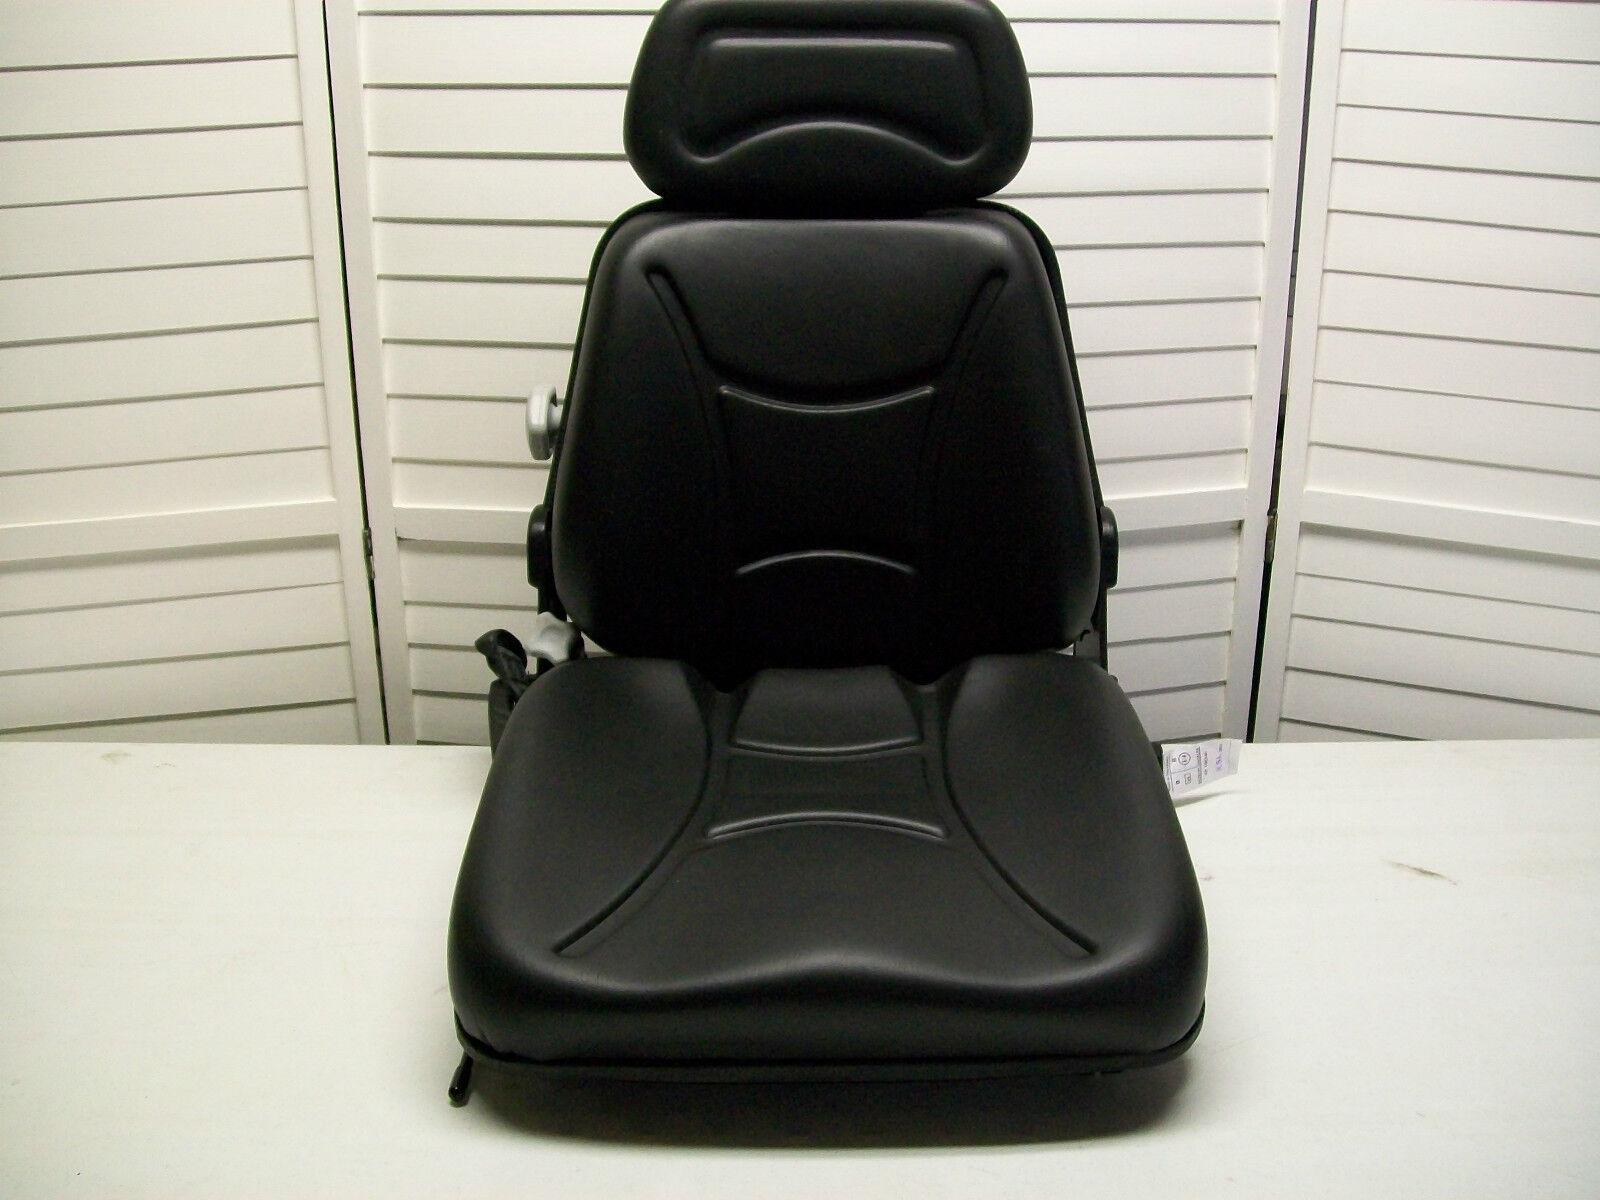 Suspension Seat,adjustable Back,excavator,forklift,skid Loader,telehandler Km